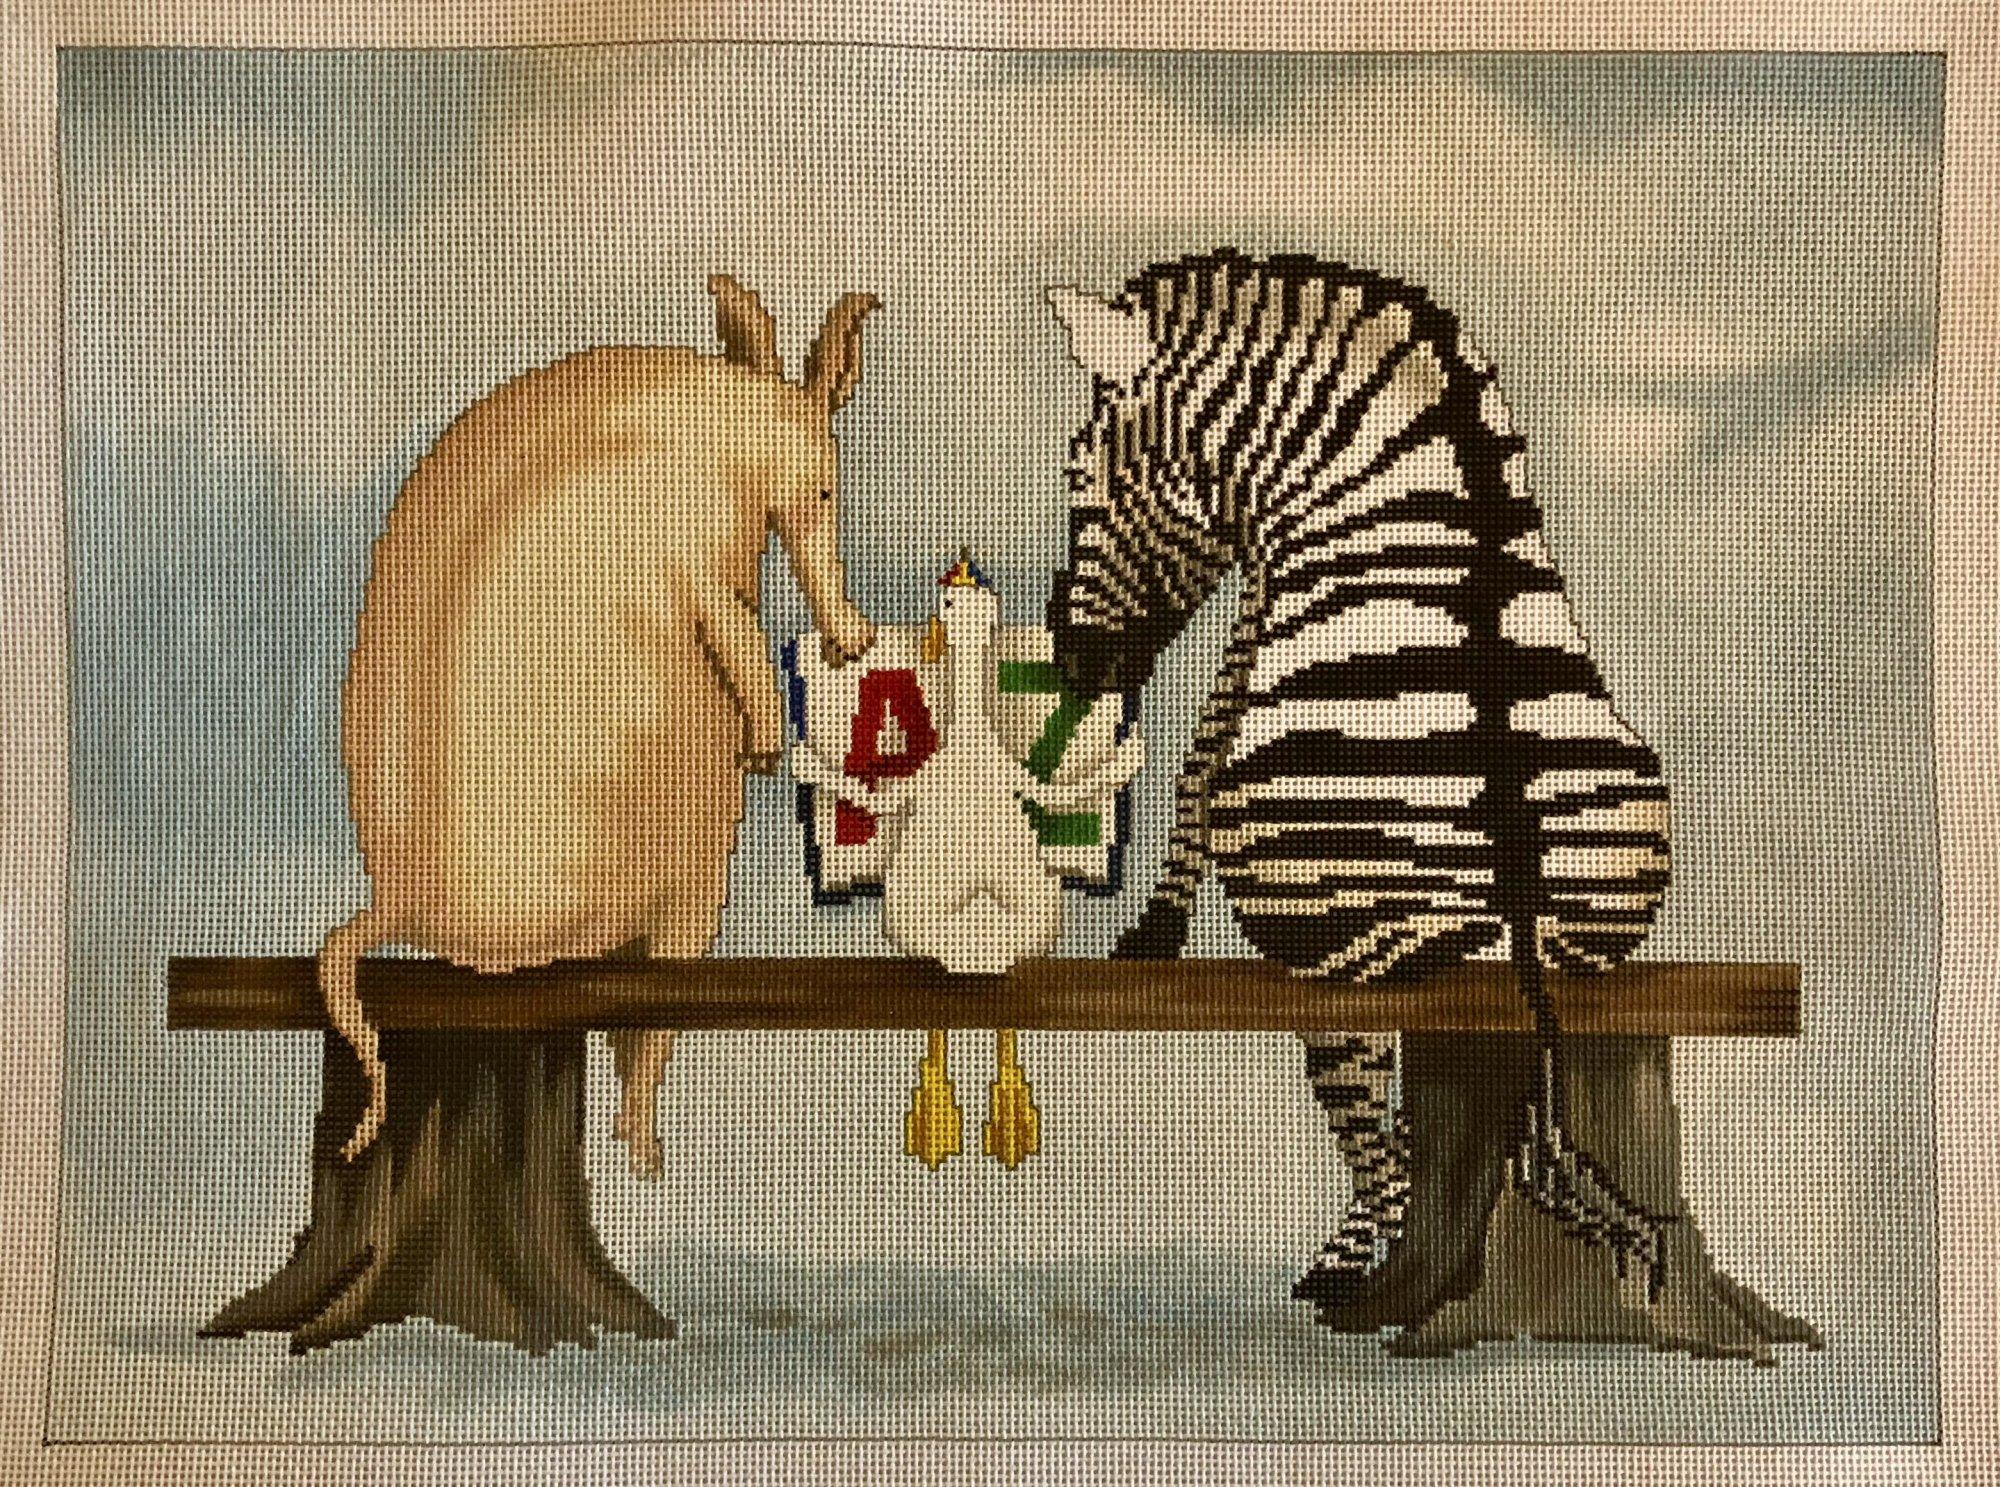 a - z pig & zebra